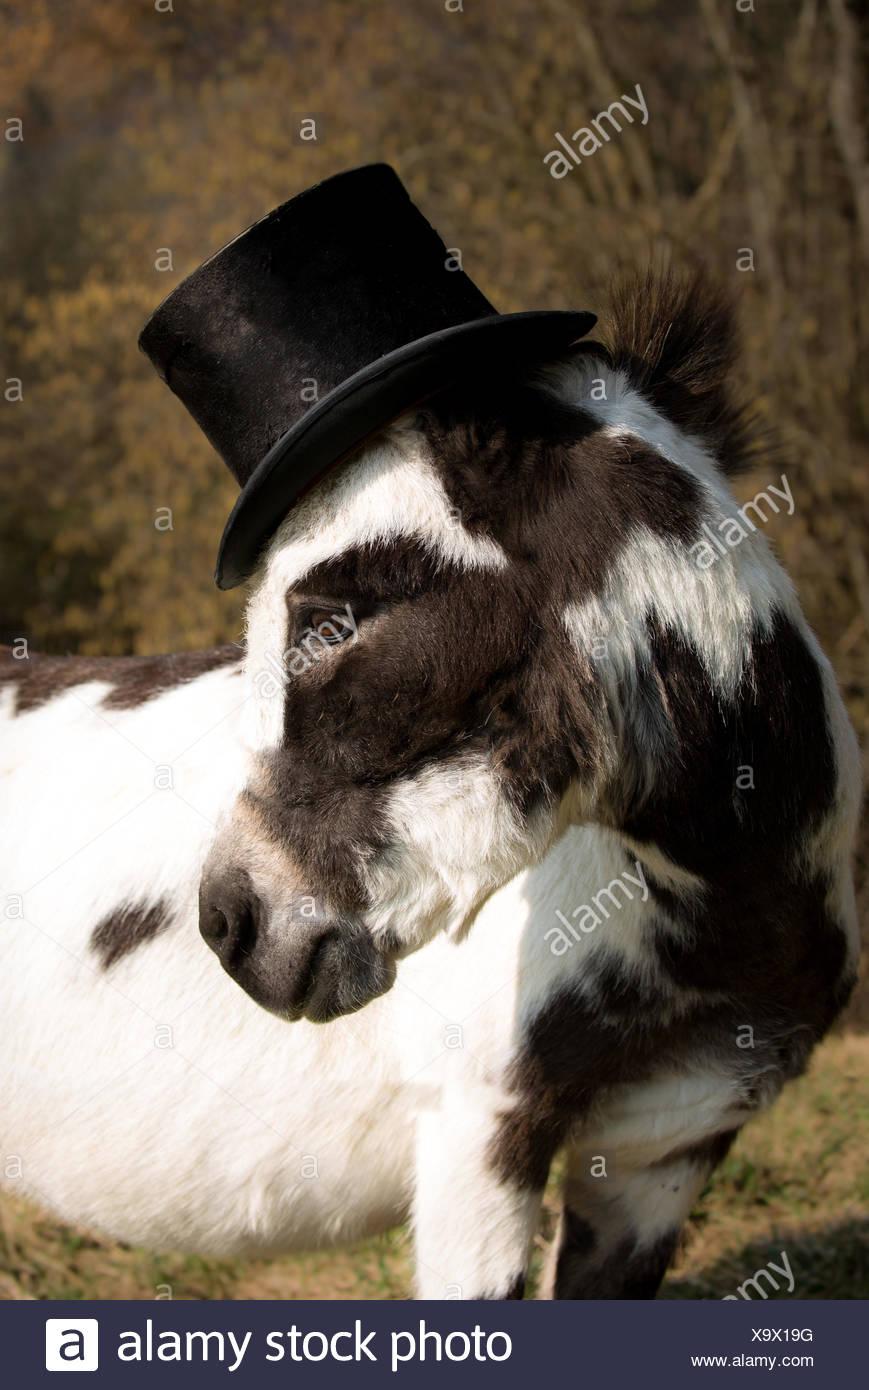 Donkey with Hat - Stock Image